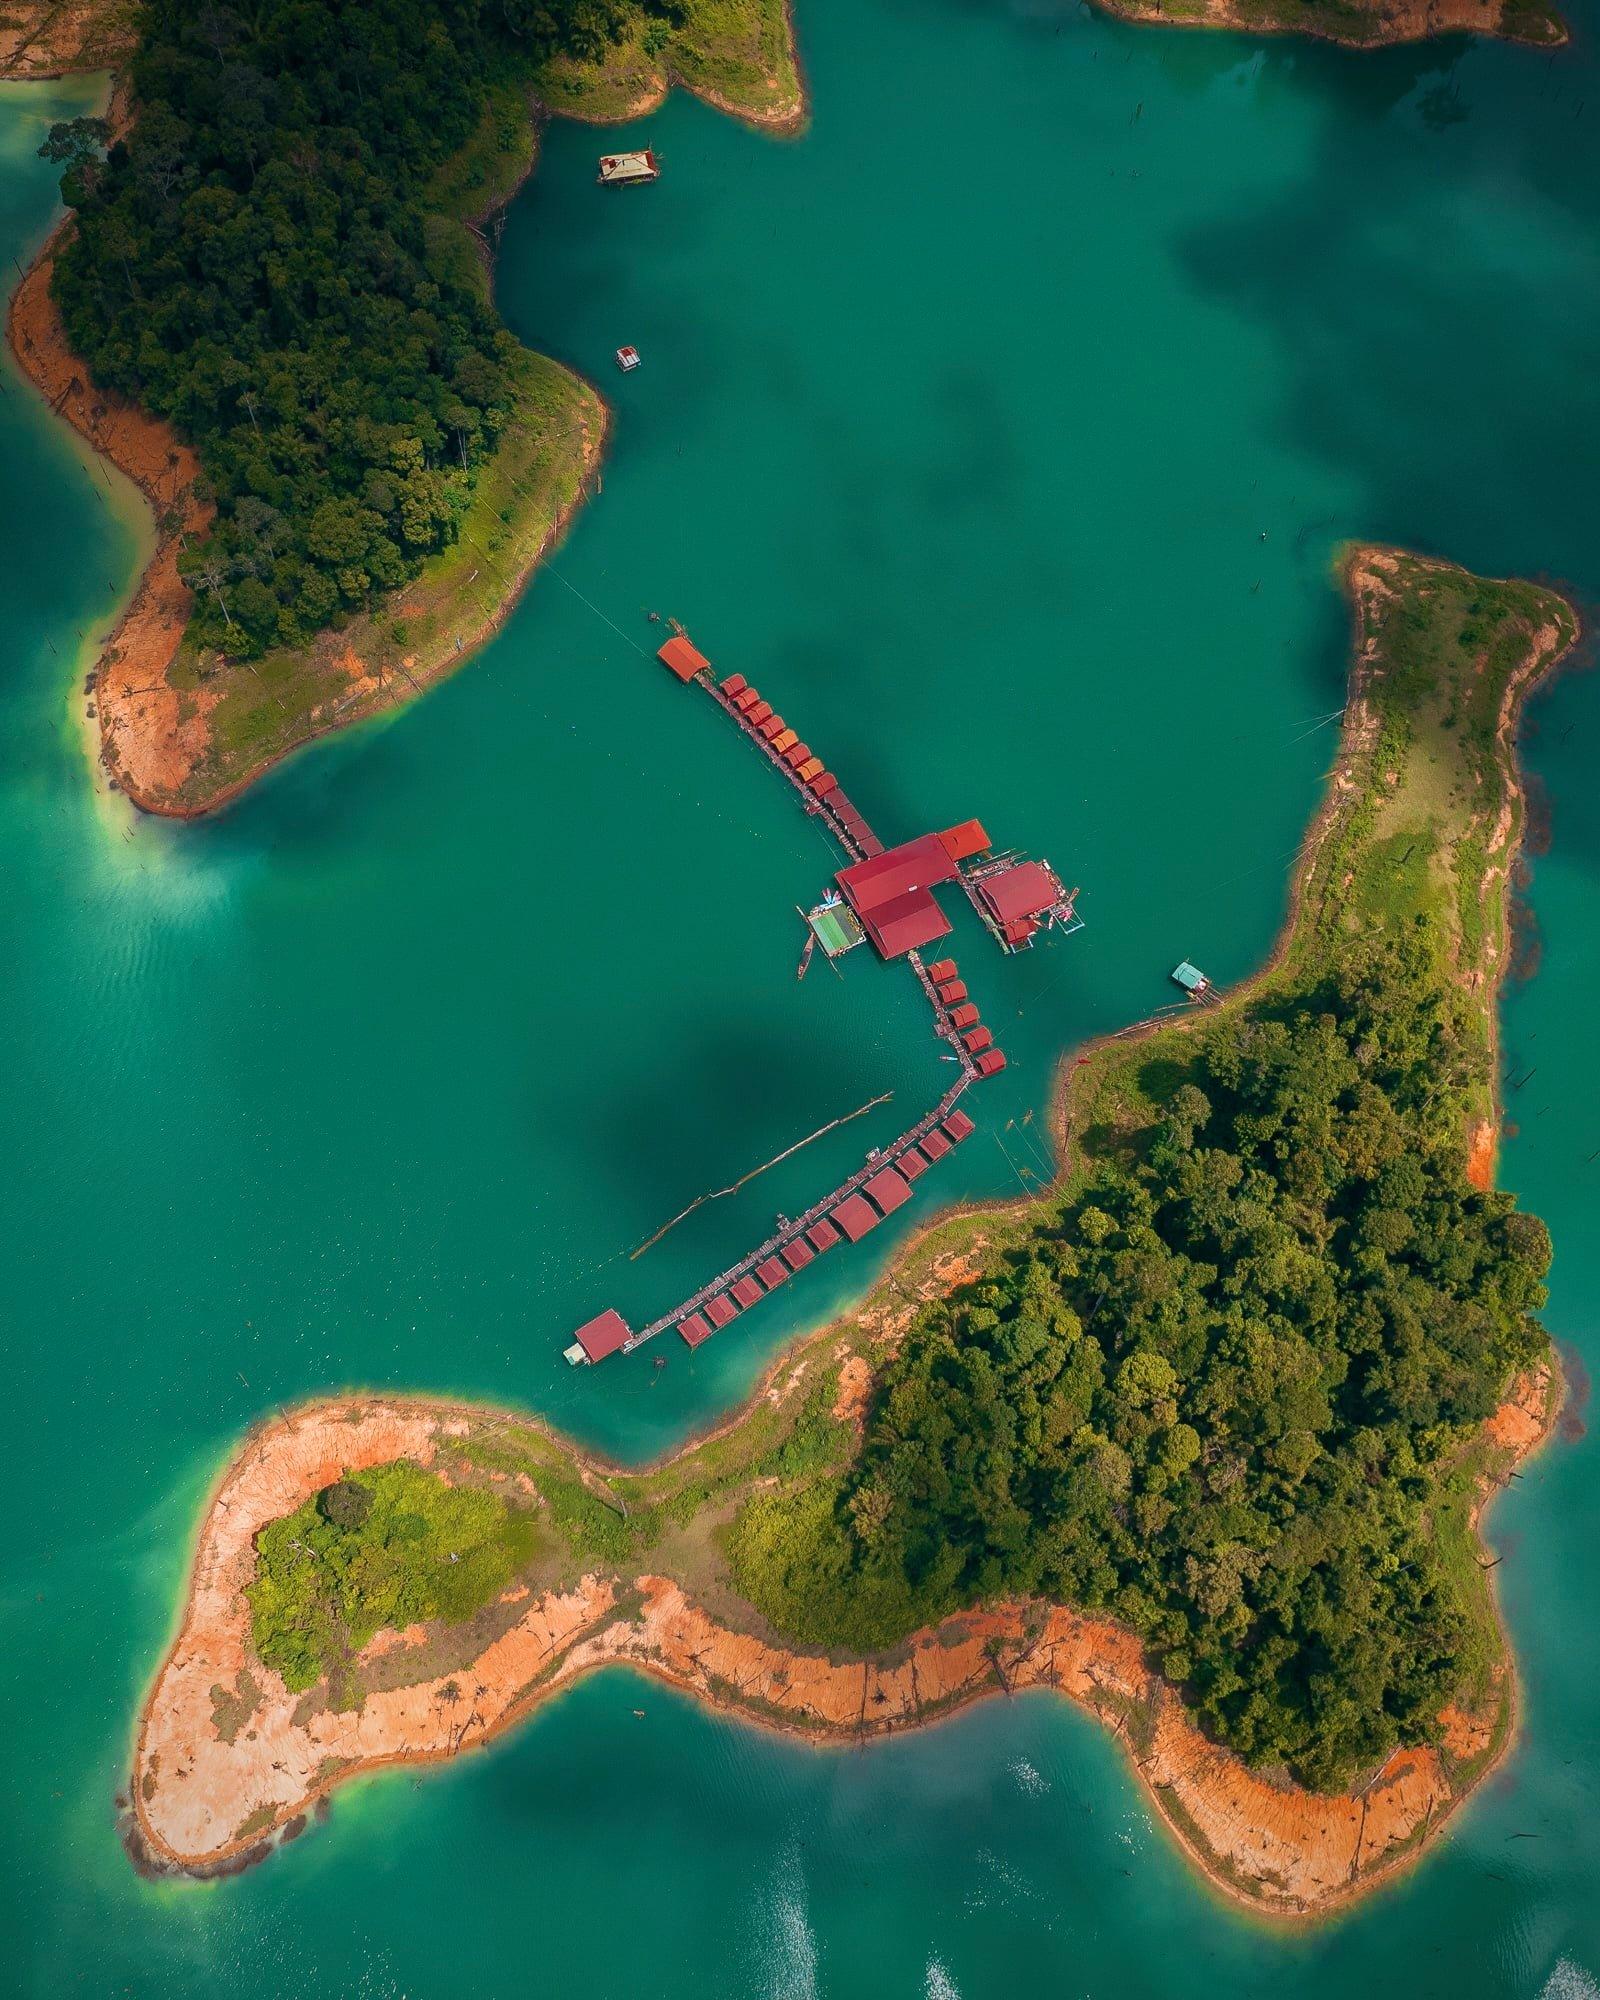 khao sok nacionalinis parkas iš drono